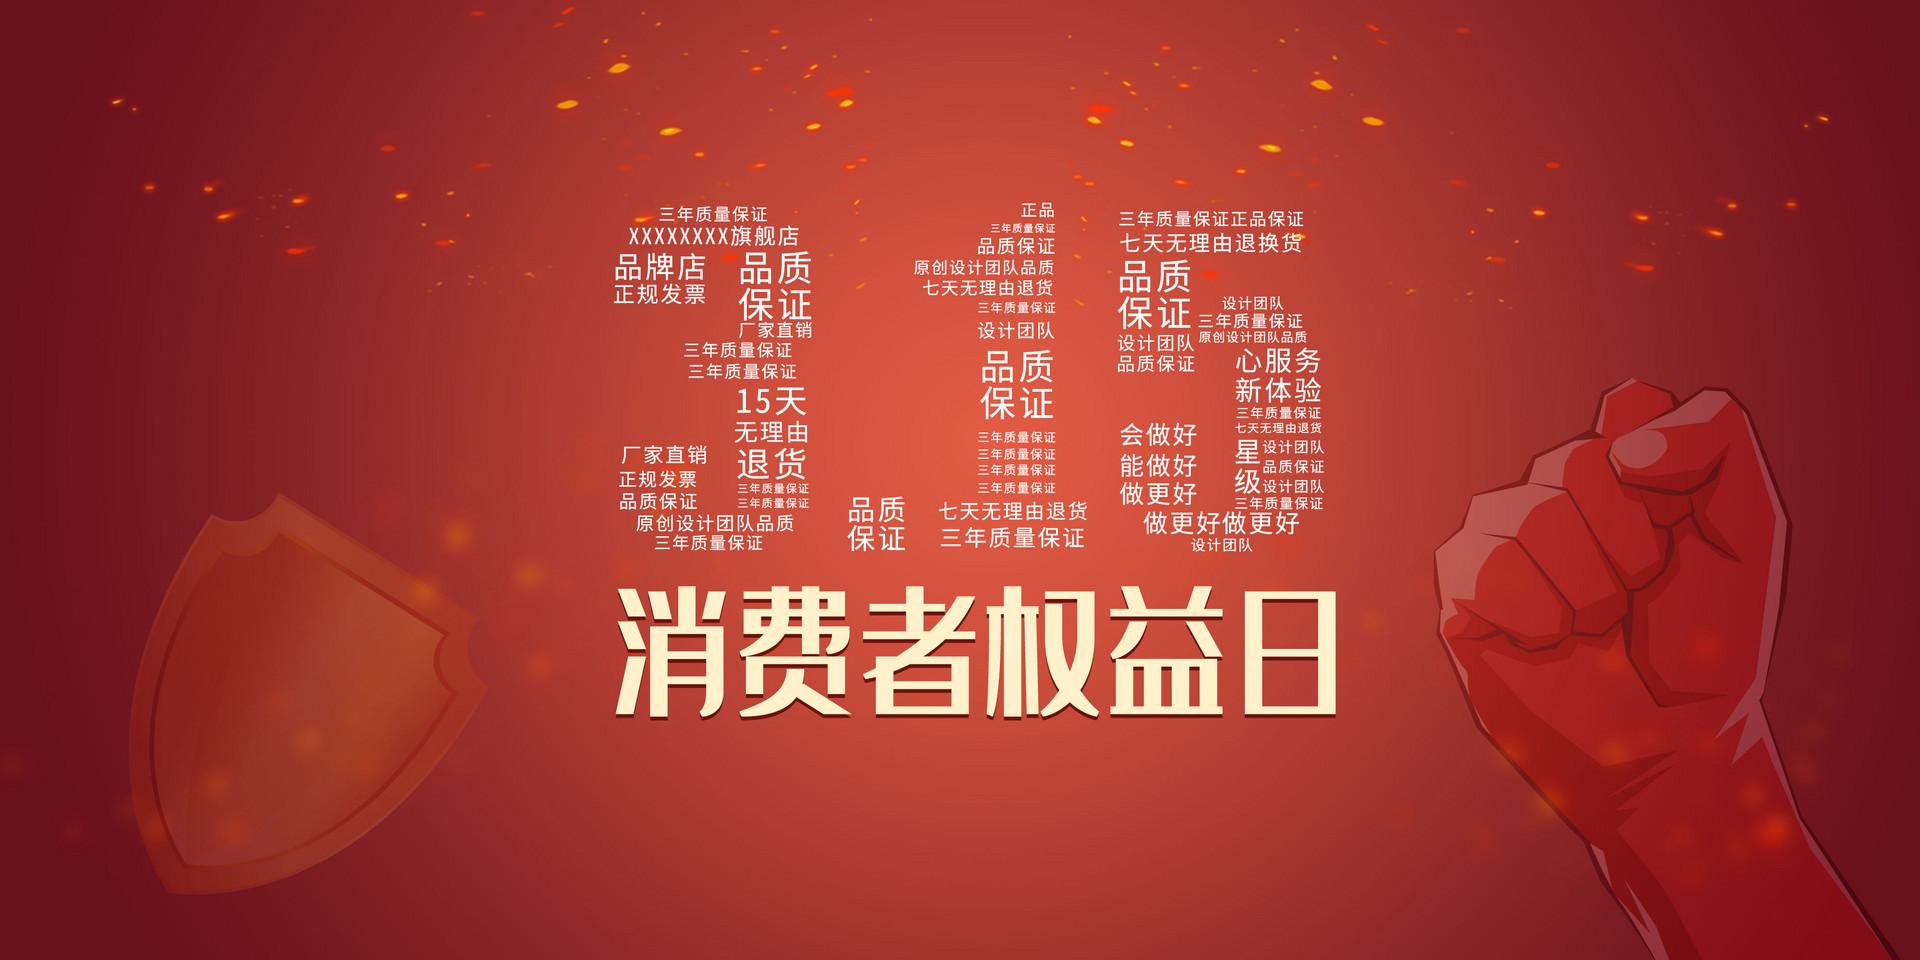 """""""3·15""""消费者权益日,犀牛云始终坚持""""帮助客户成功""""的核心理念!"""